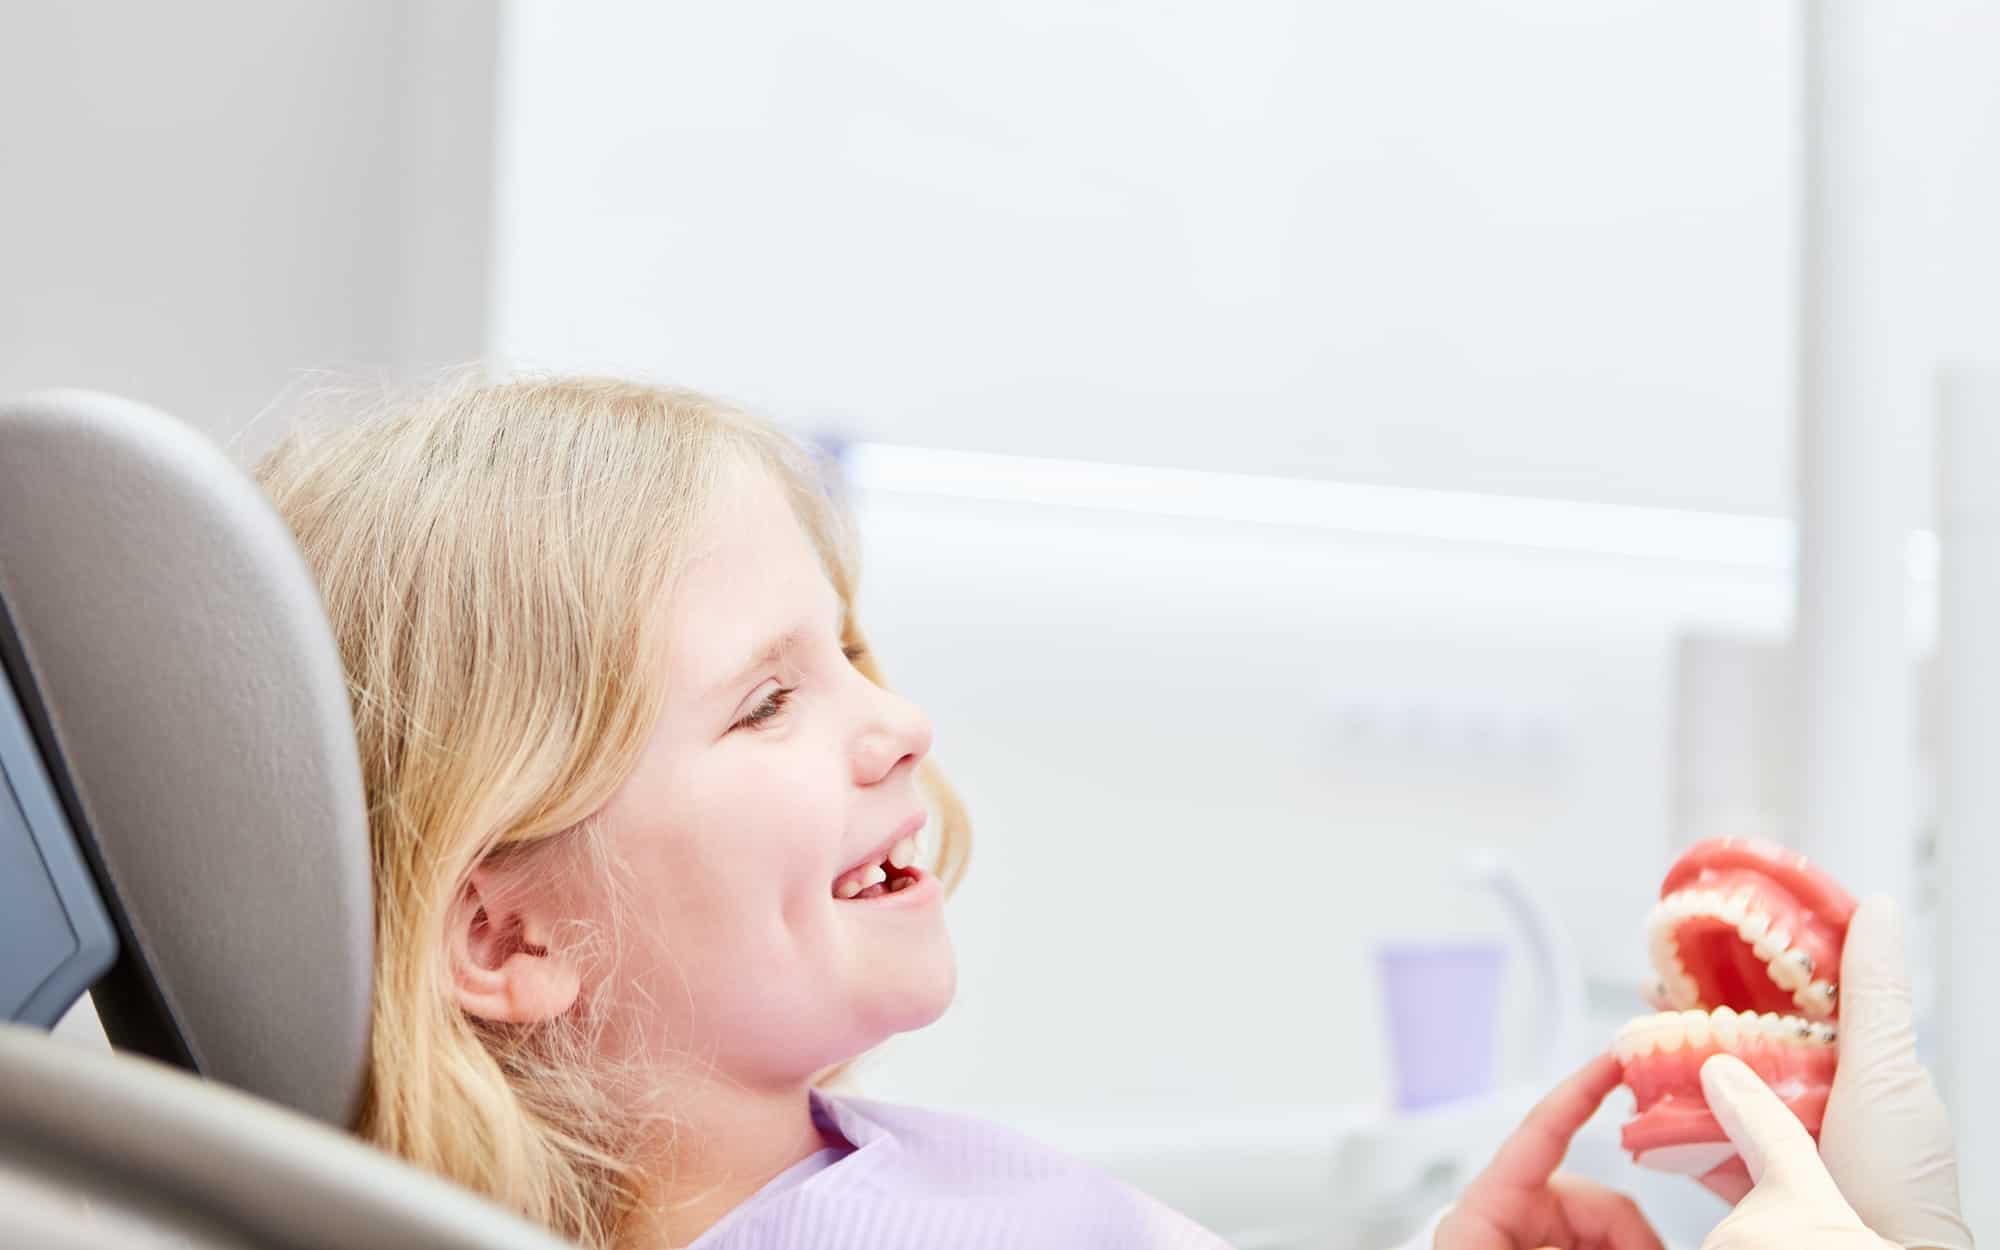 Unser Ziel ist Ihre lebenslange Zahn- und Mundgesundheit - auch in der Kinderprophylaxe - Fröhliches Mädchen als Patient sitzt angstfrei beim Zahnarzt